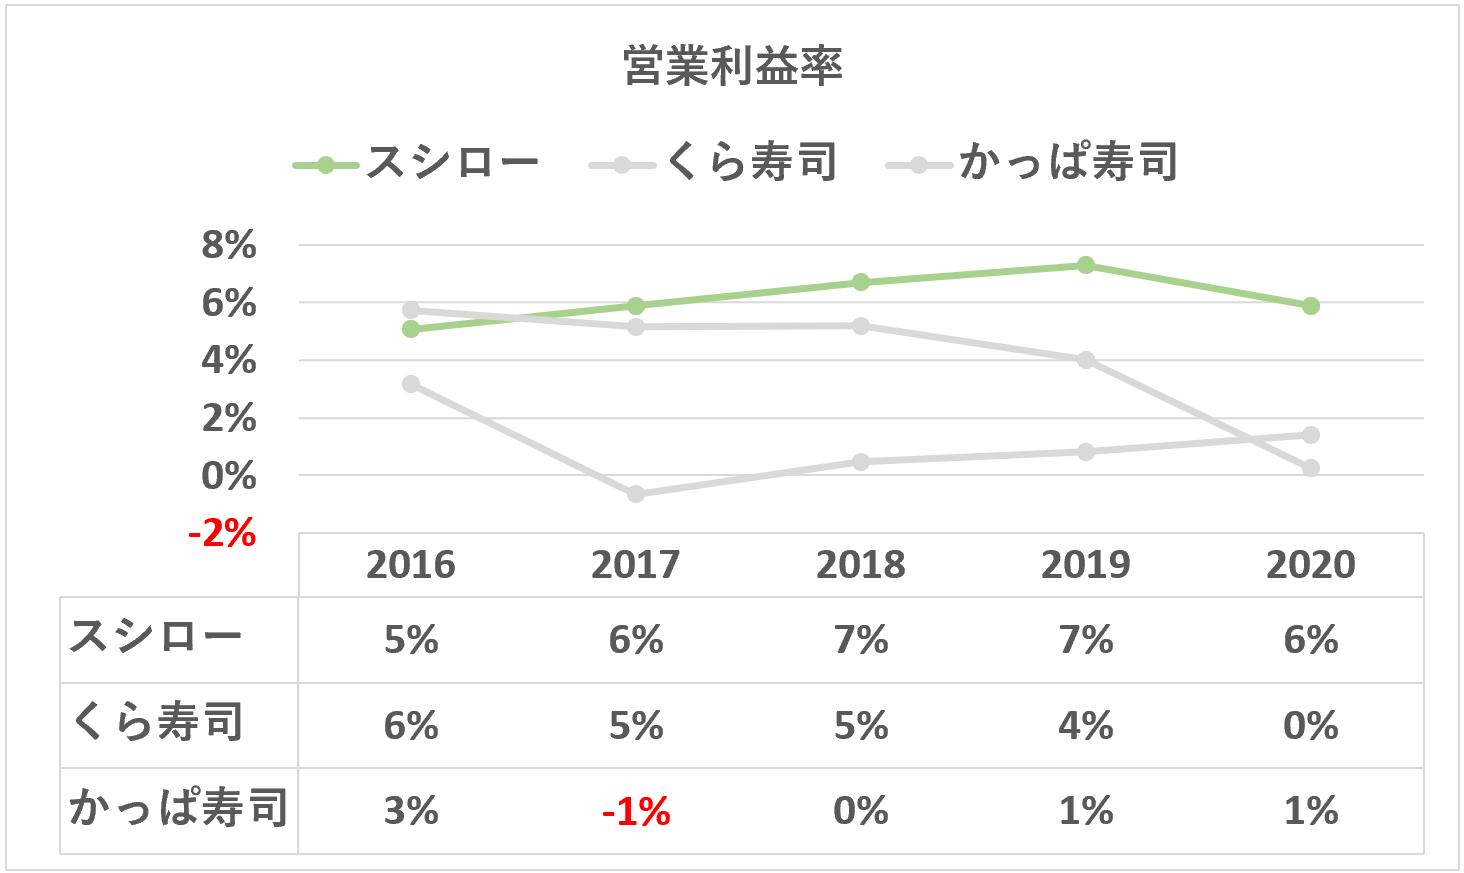 スシロー:営業利益率の推移